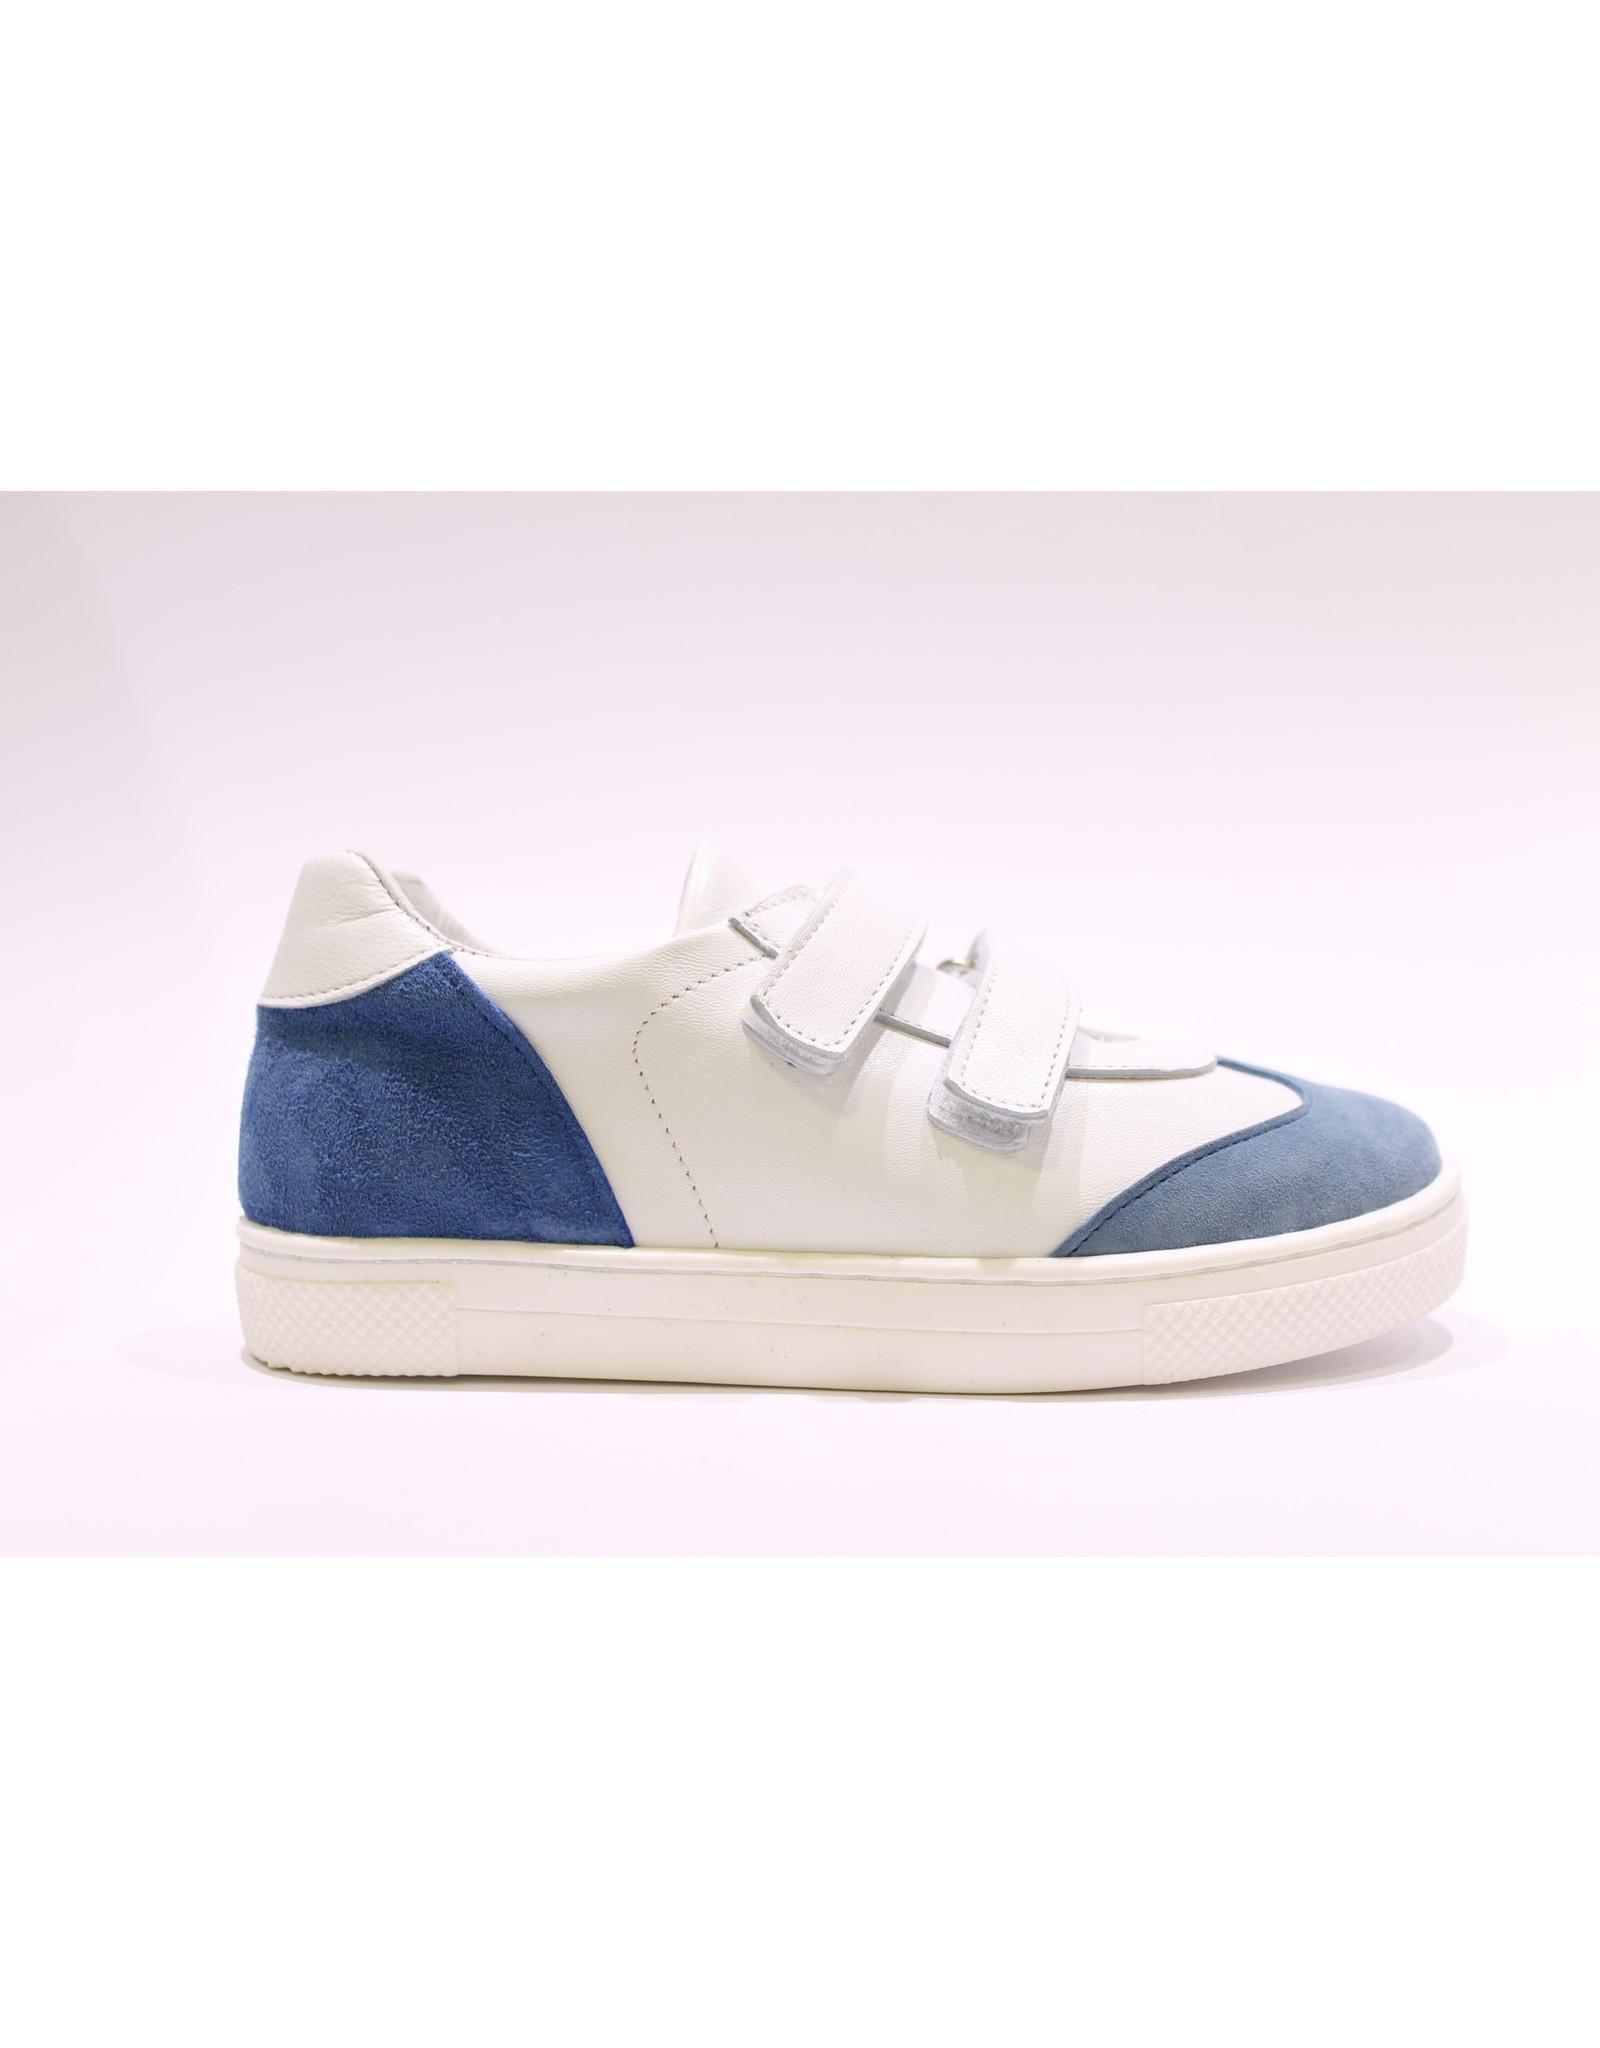 Baci velcro wit/blauw